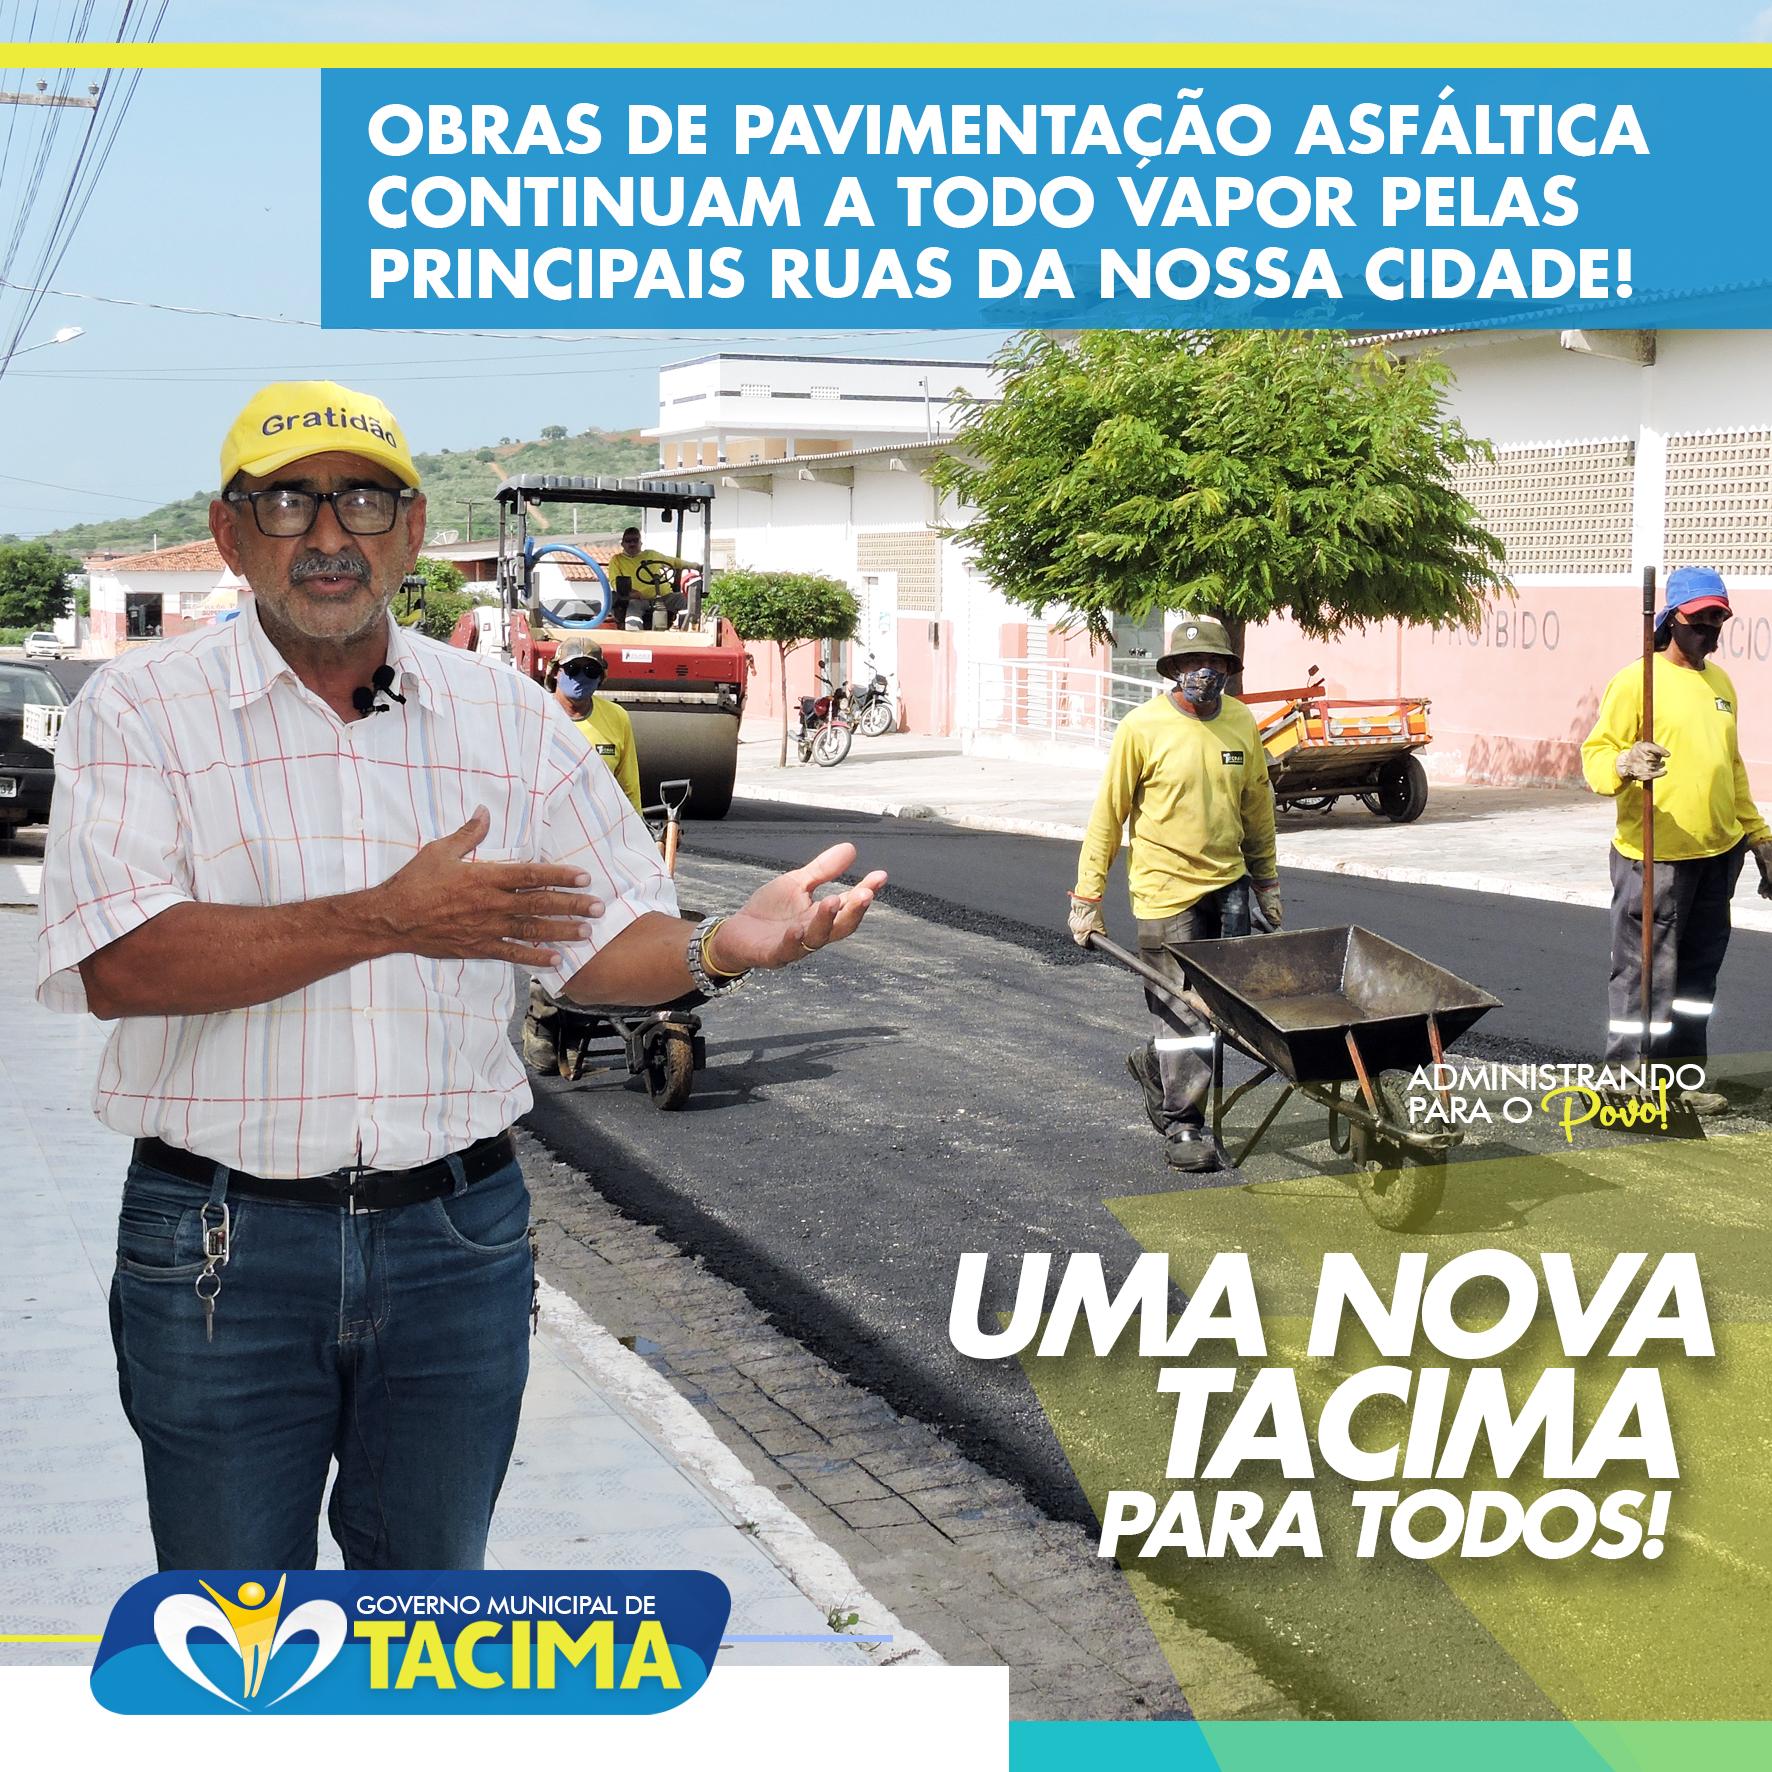 OBRAS DE PAVIMENTAÇÃO ASFÁLTICA SEGUEM A TODO VAPOR PELAS PRINCIPAIS RUAS DE TACIMA. CONFIRA!